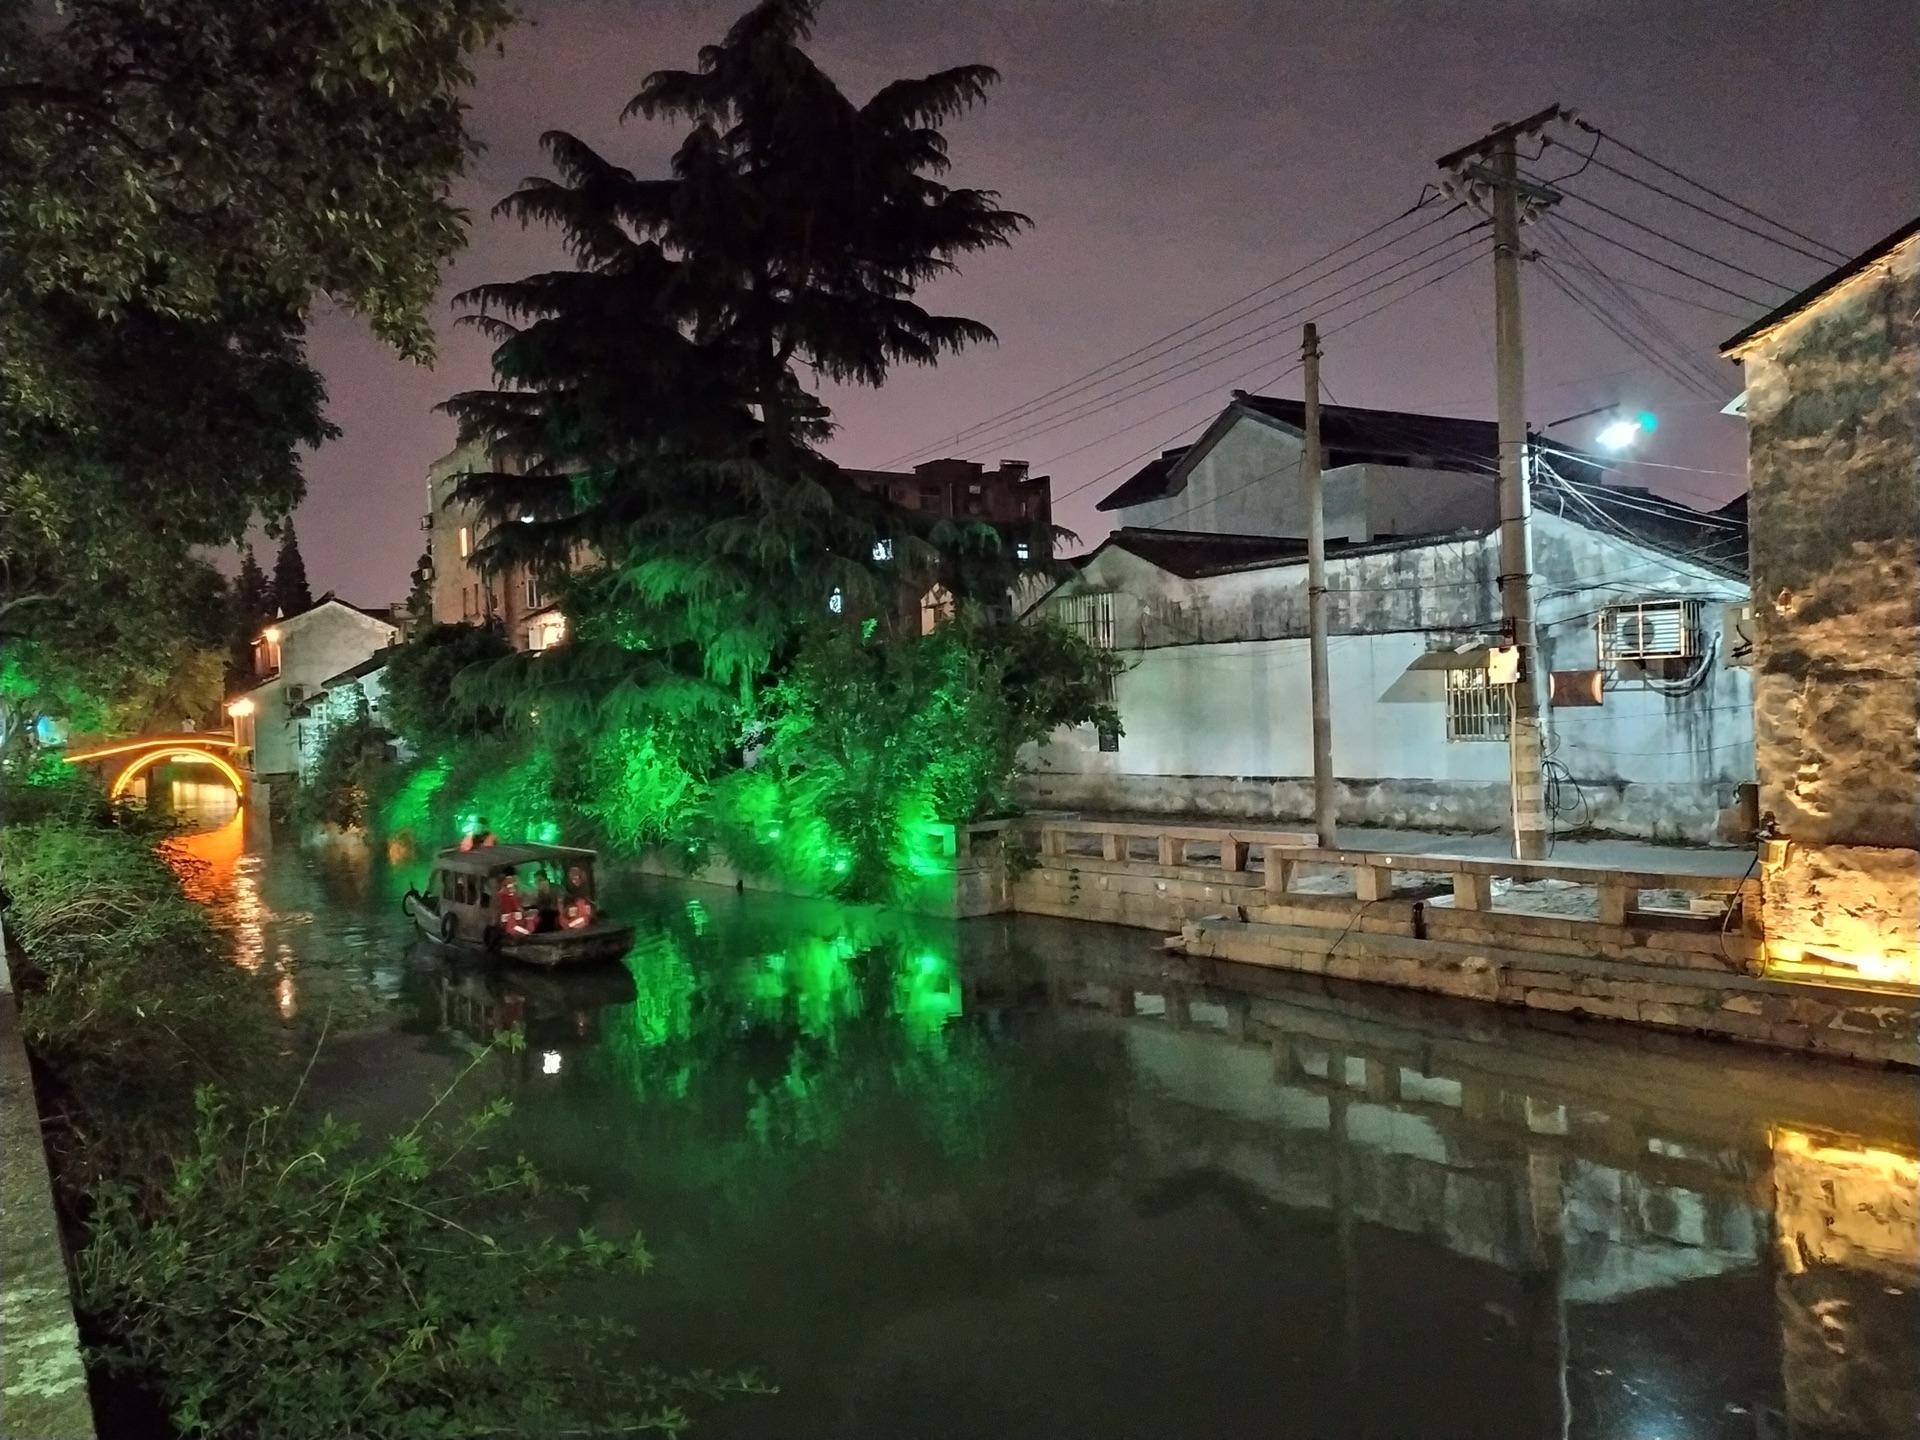 姑苏城外寒山寺,夜半钟声到客船。